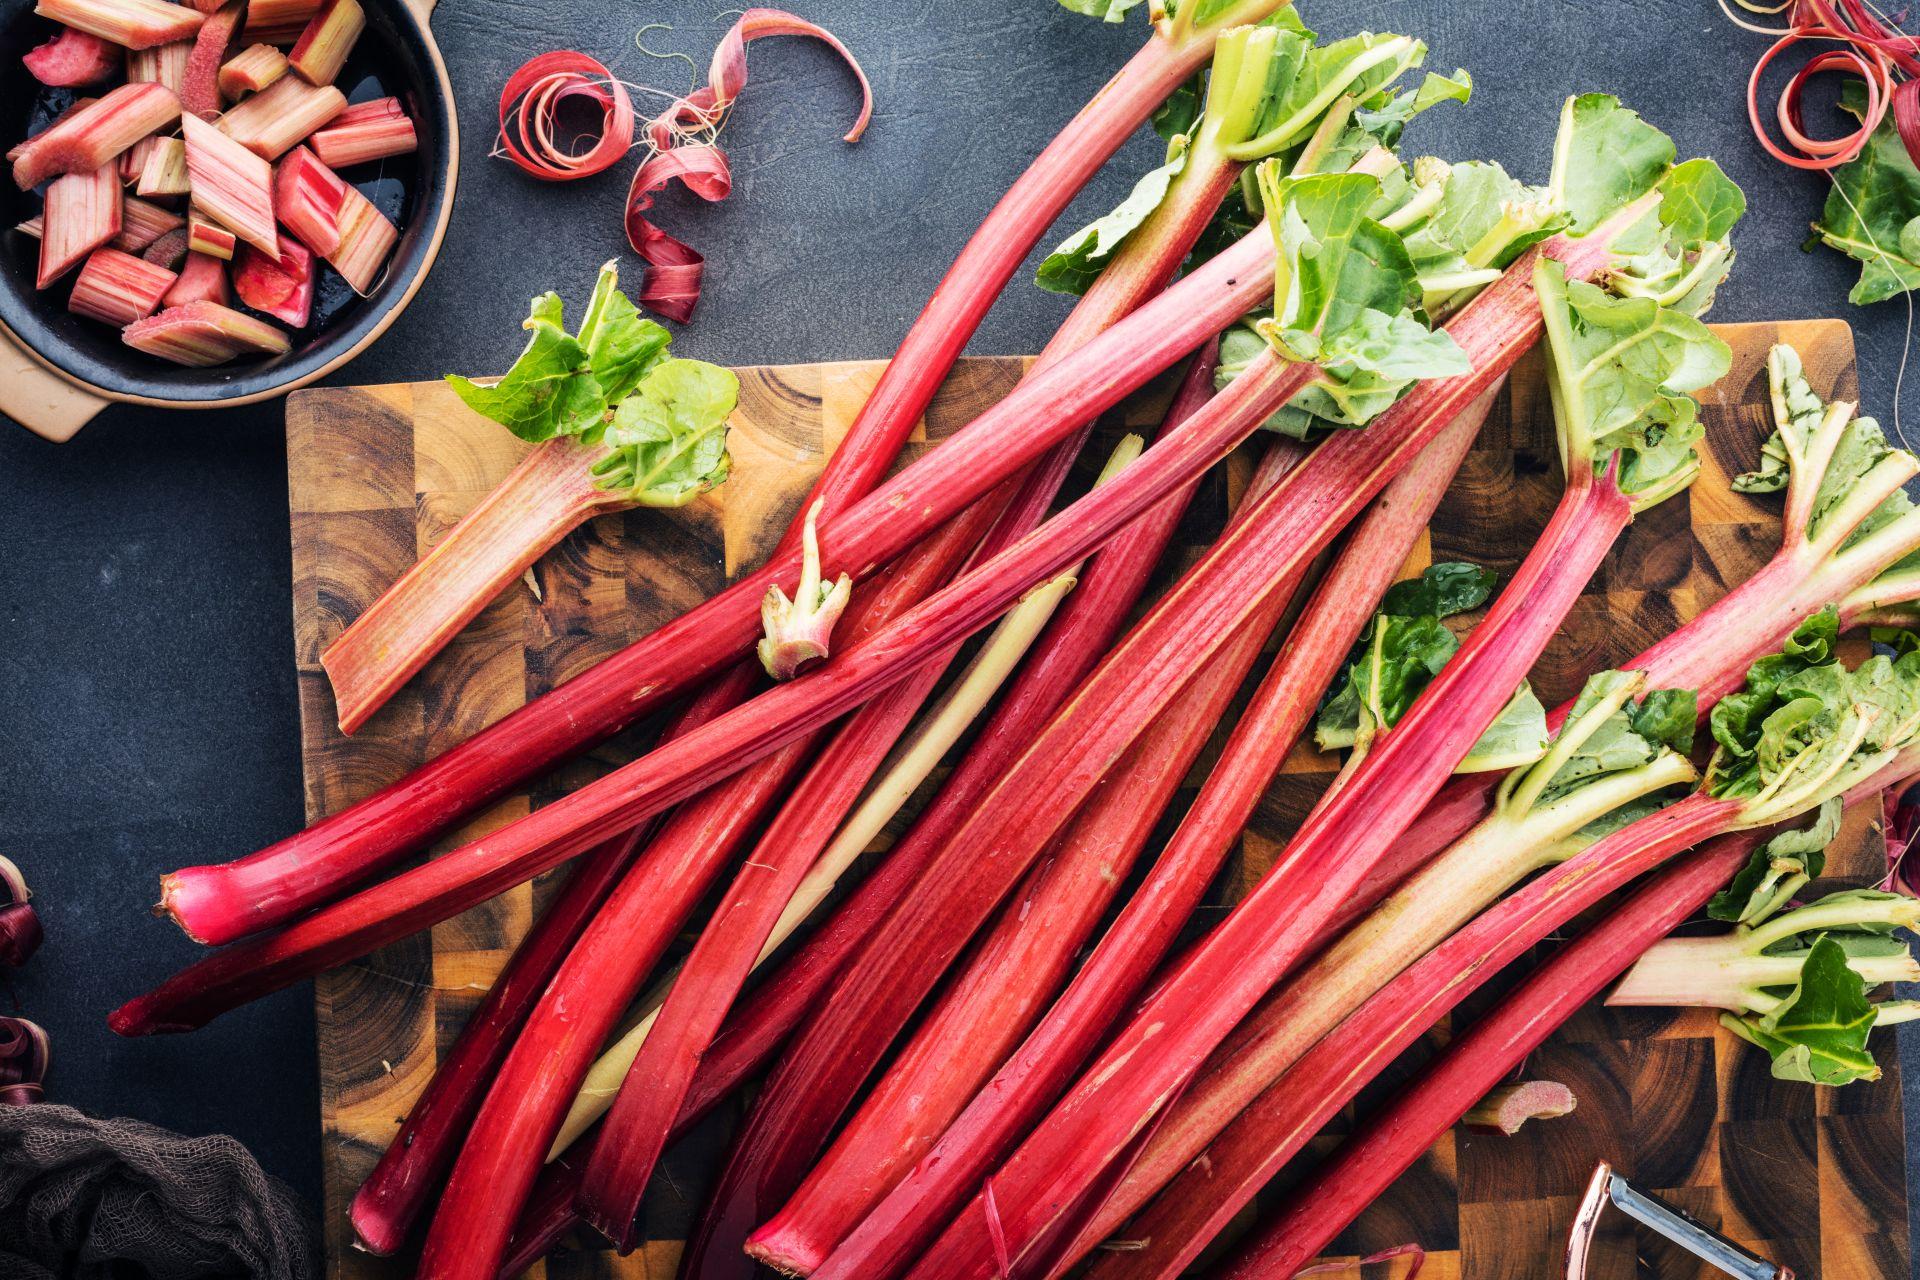 Sezon na rabarbar- przepisy z rabarbarem bogatym w witaminy, błonnik i potas